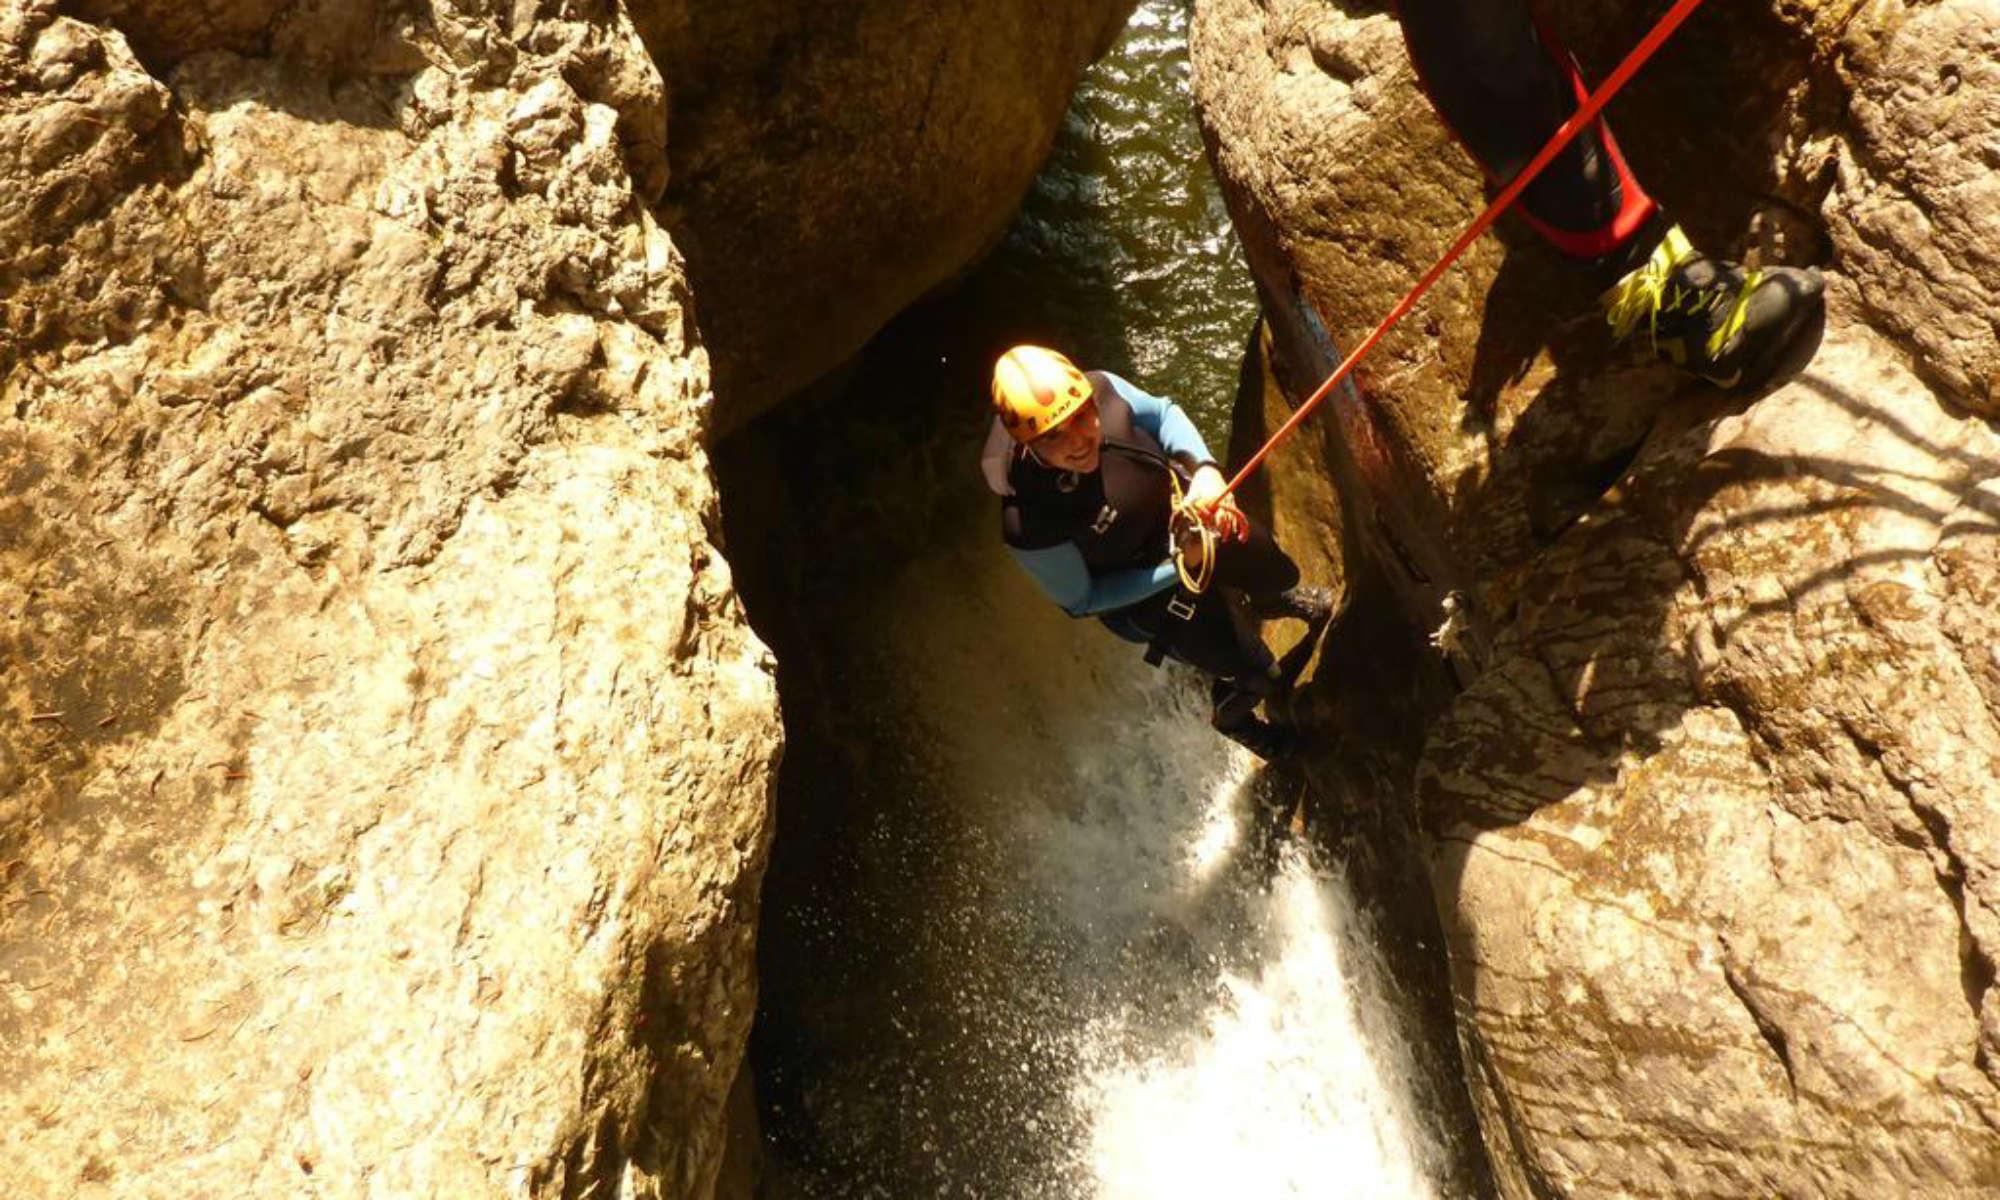 Eine Canyoning Teilnehmerin seilt sich beim Schwarzwasserbach im Allgäu an einem Felsen hinunter.